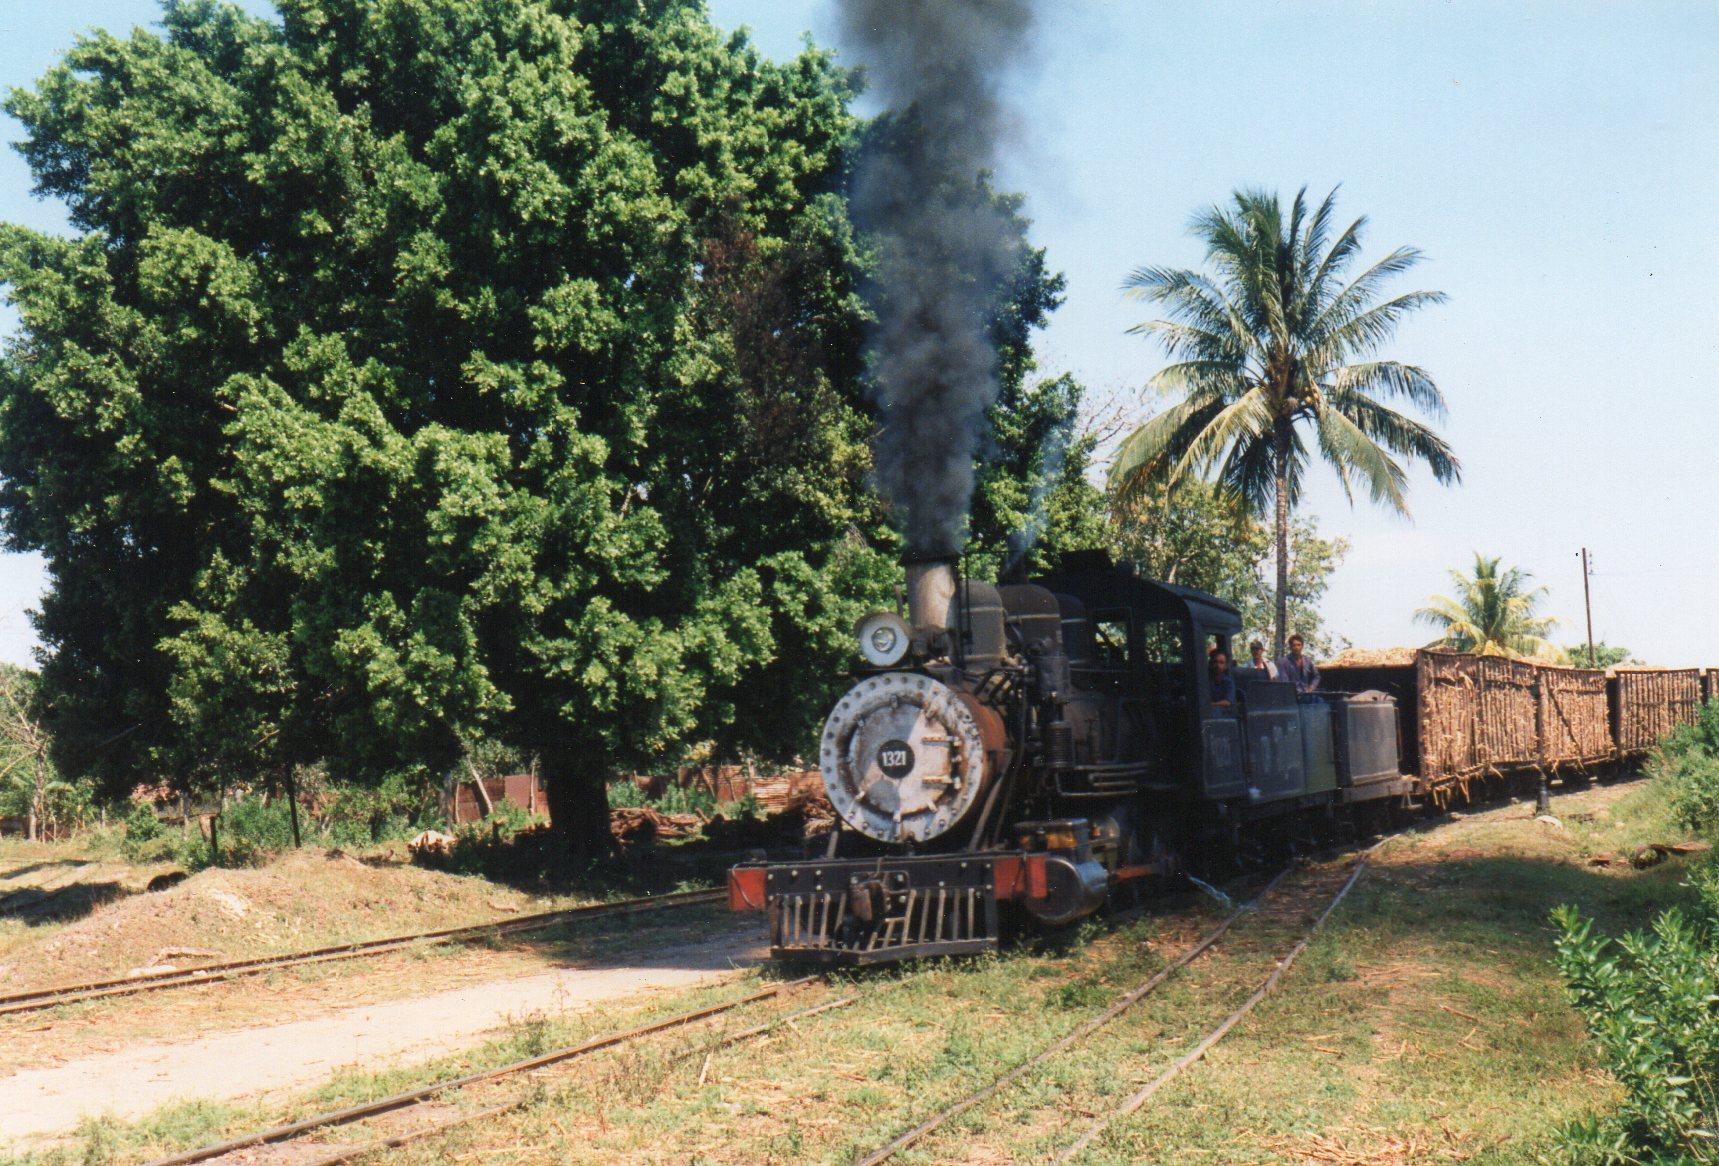 Måske fik jeg ikke set ordentligt på dieselen, for pludselig kom et damptog. Det er CIA 403 Mal Tiempo 1321, Baldwin 40244/1913. 1'D. 762 mm.